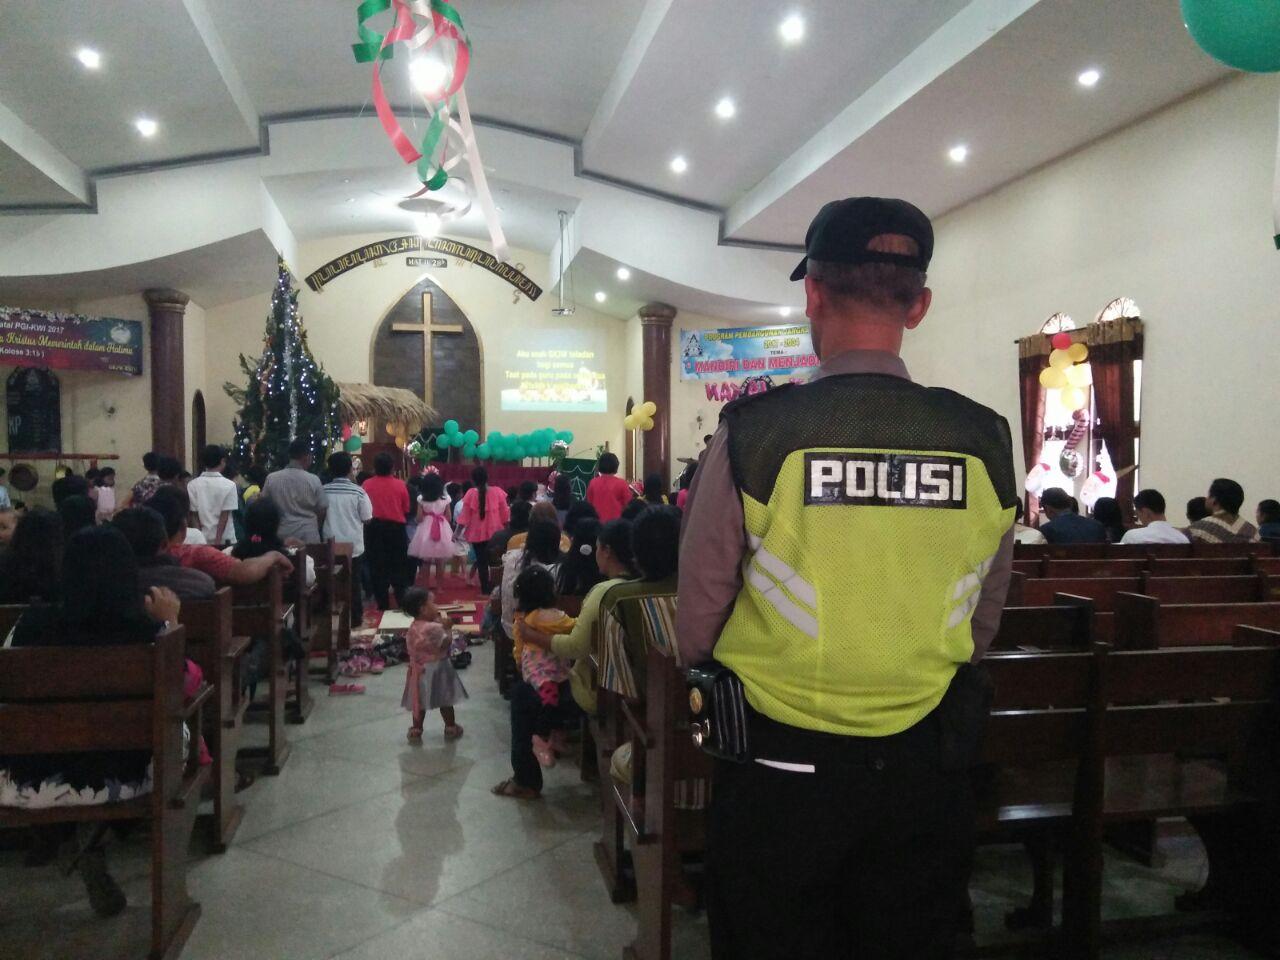 Salah Satu Wujud dari Pelayanan Prima, Polsek Batu Kota Polres Batu Melaksanakan Giat Perayaan Natal Di wilkum Polsek Batu Kota